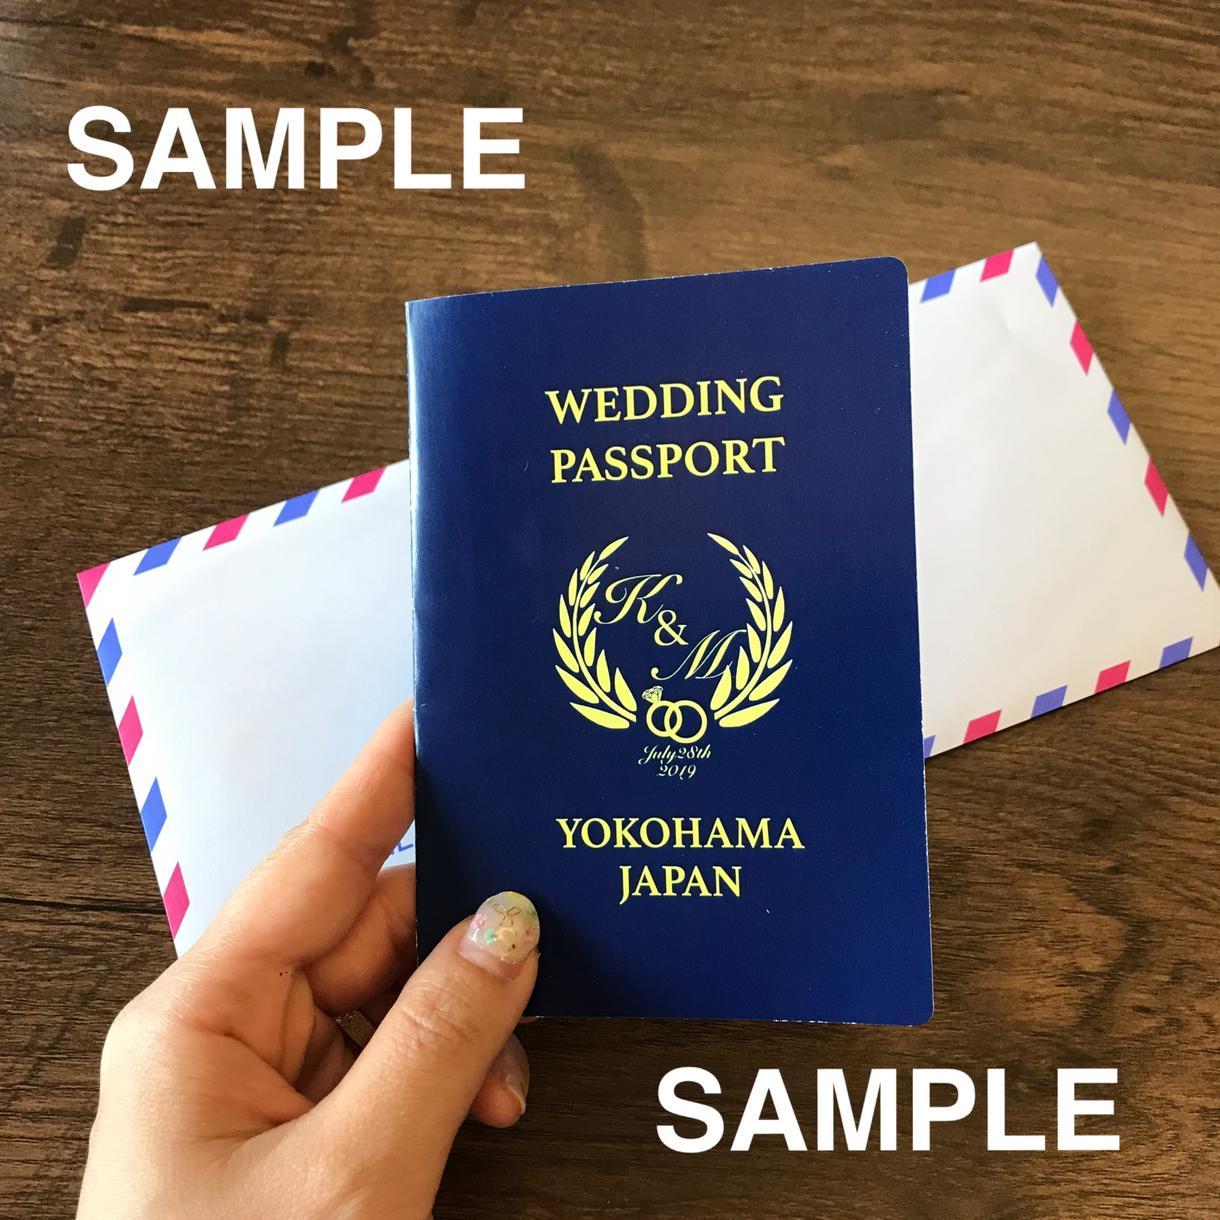 パスポート風結婚式招待状作ります 旅行好きによる旅行好きの為の遊び心溢れる結婚式招待状